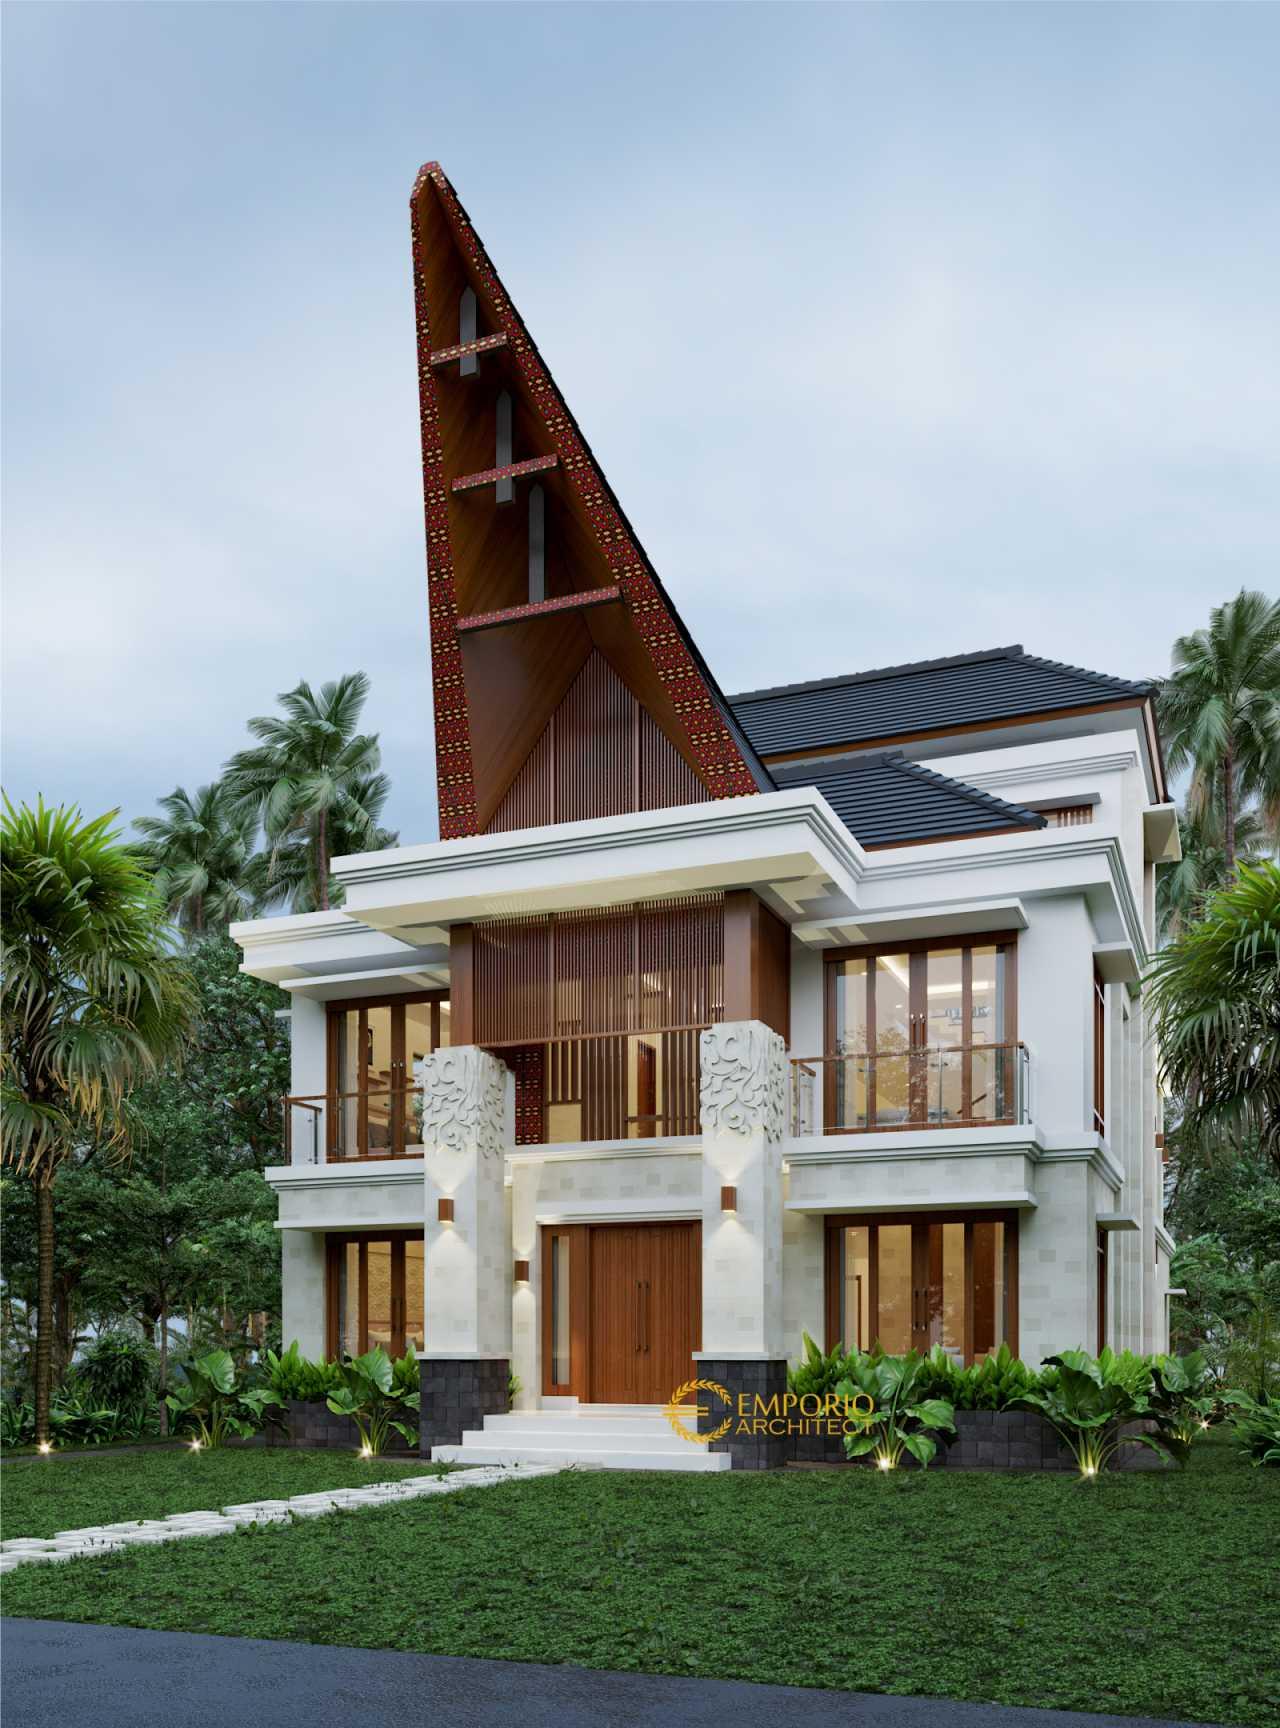 48 Gambar Sketsa Rumah Adat Sulawesi Selatan HD